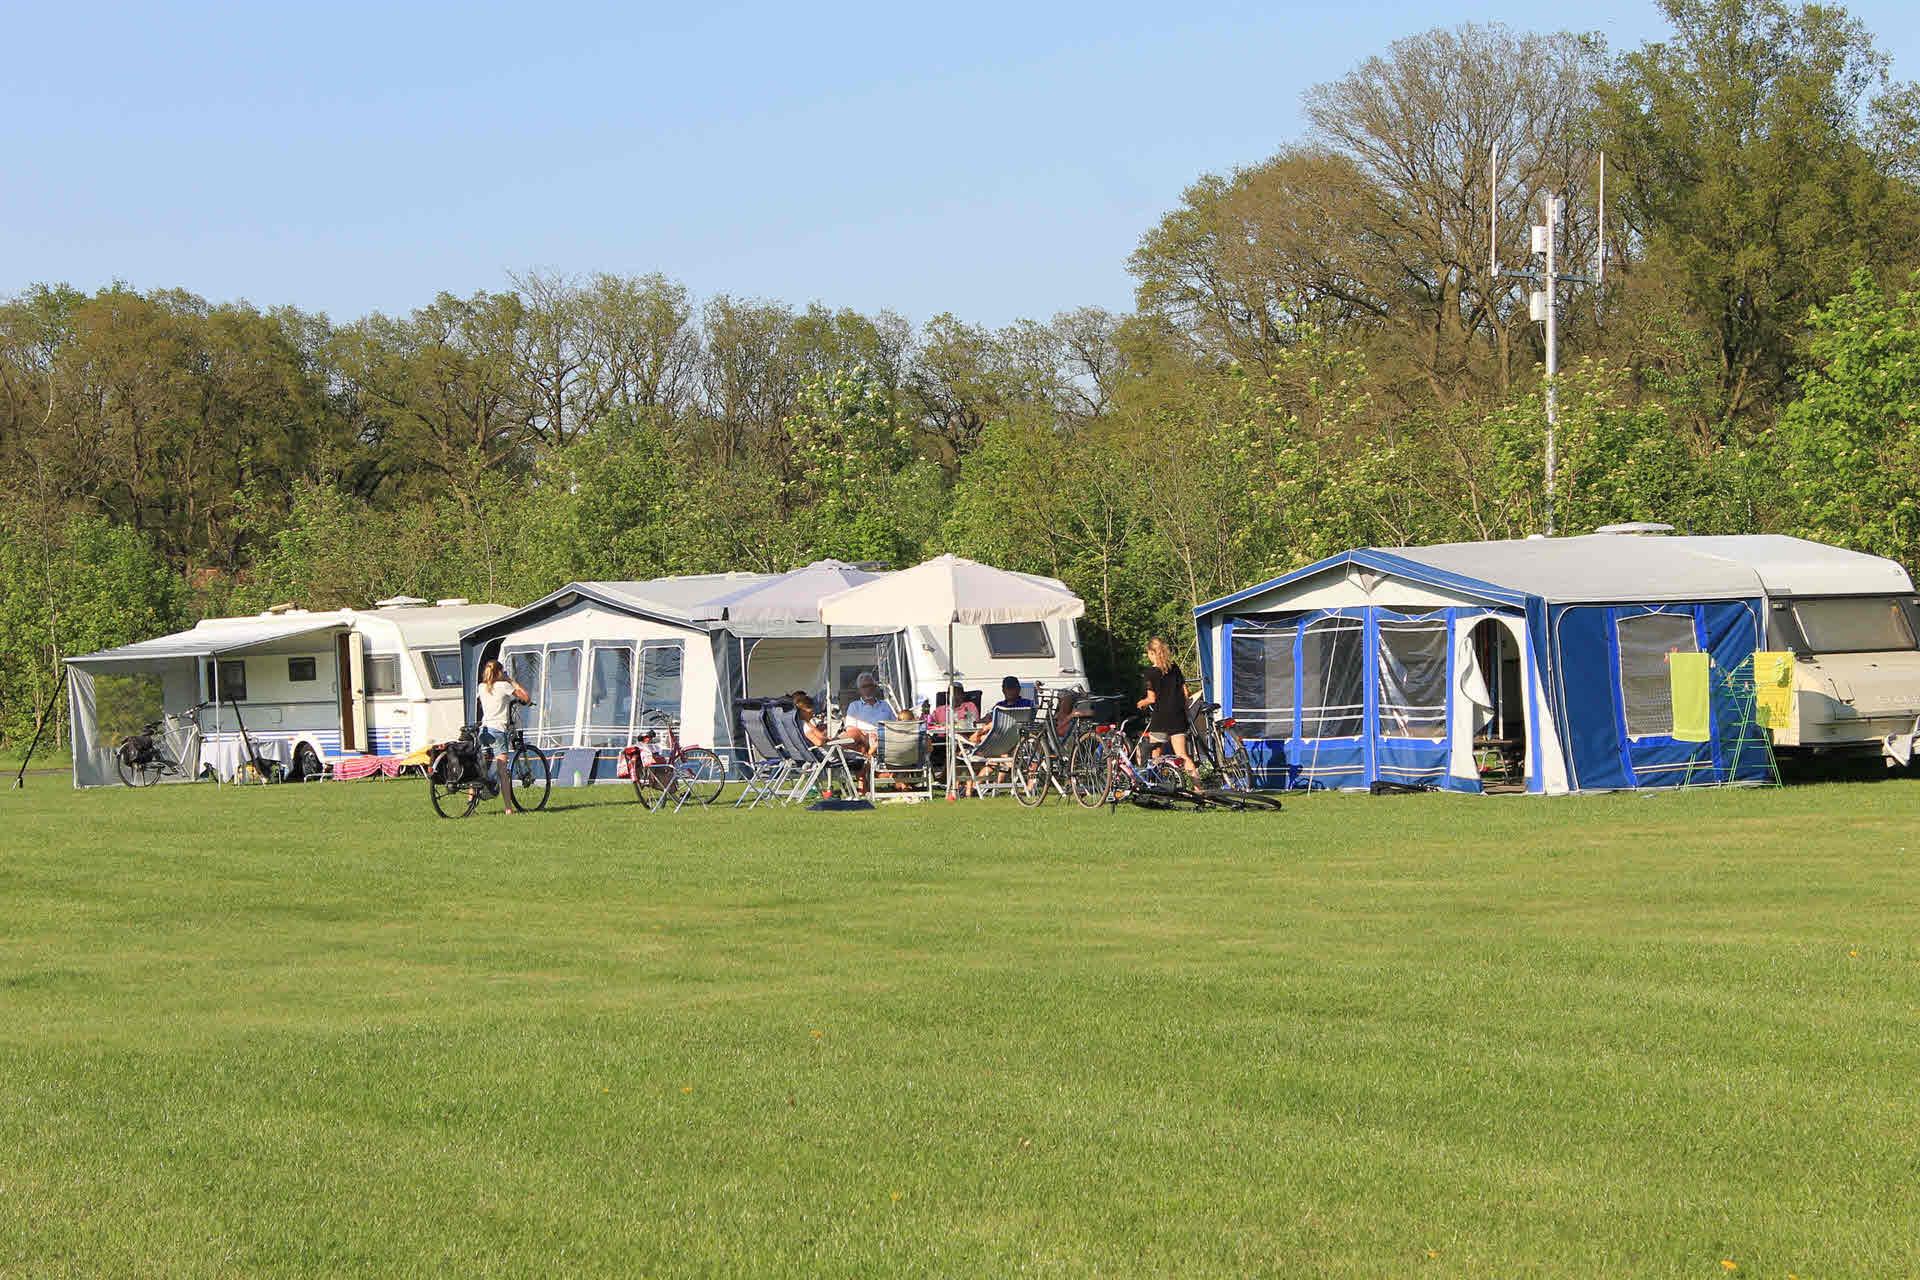 Camping In Twente Bij Ootmarsum En Tubbergen Dal Van De Mosbeek